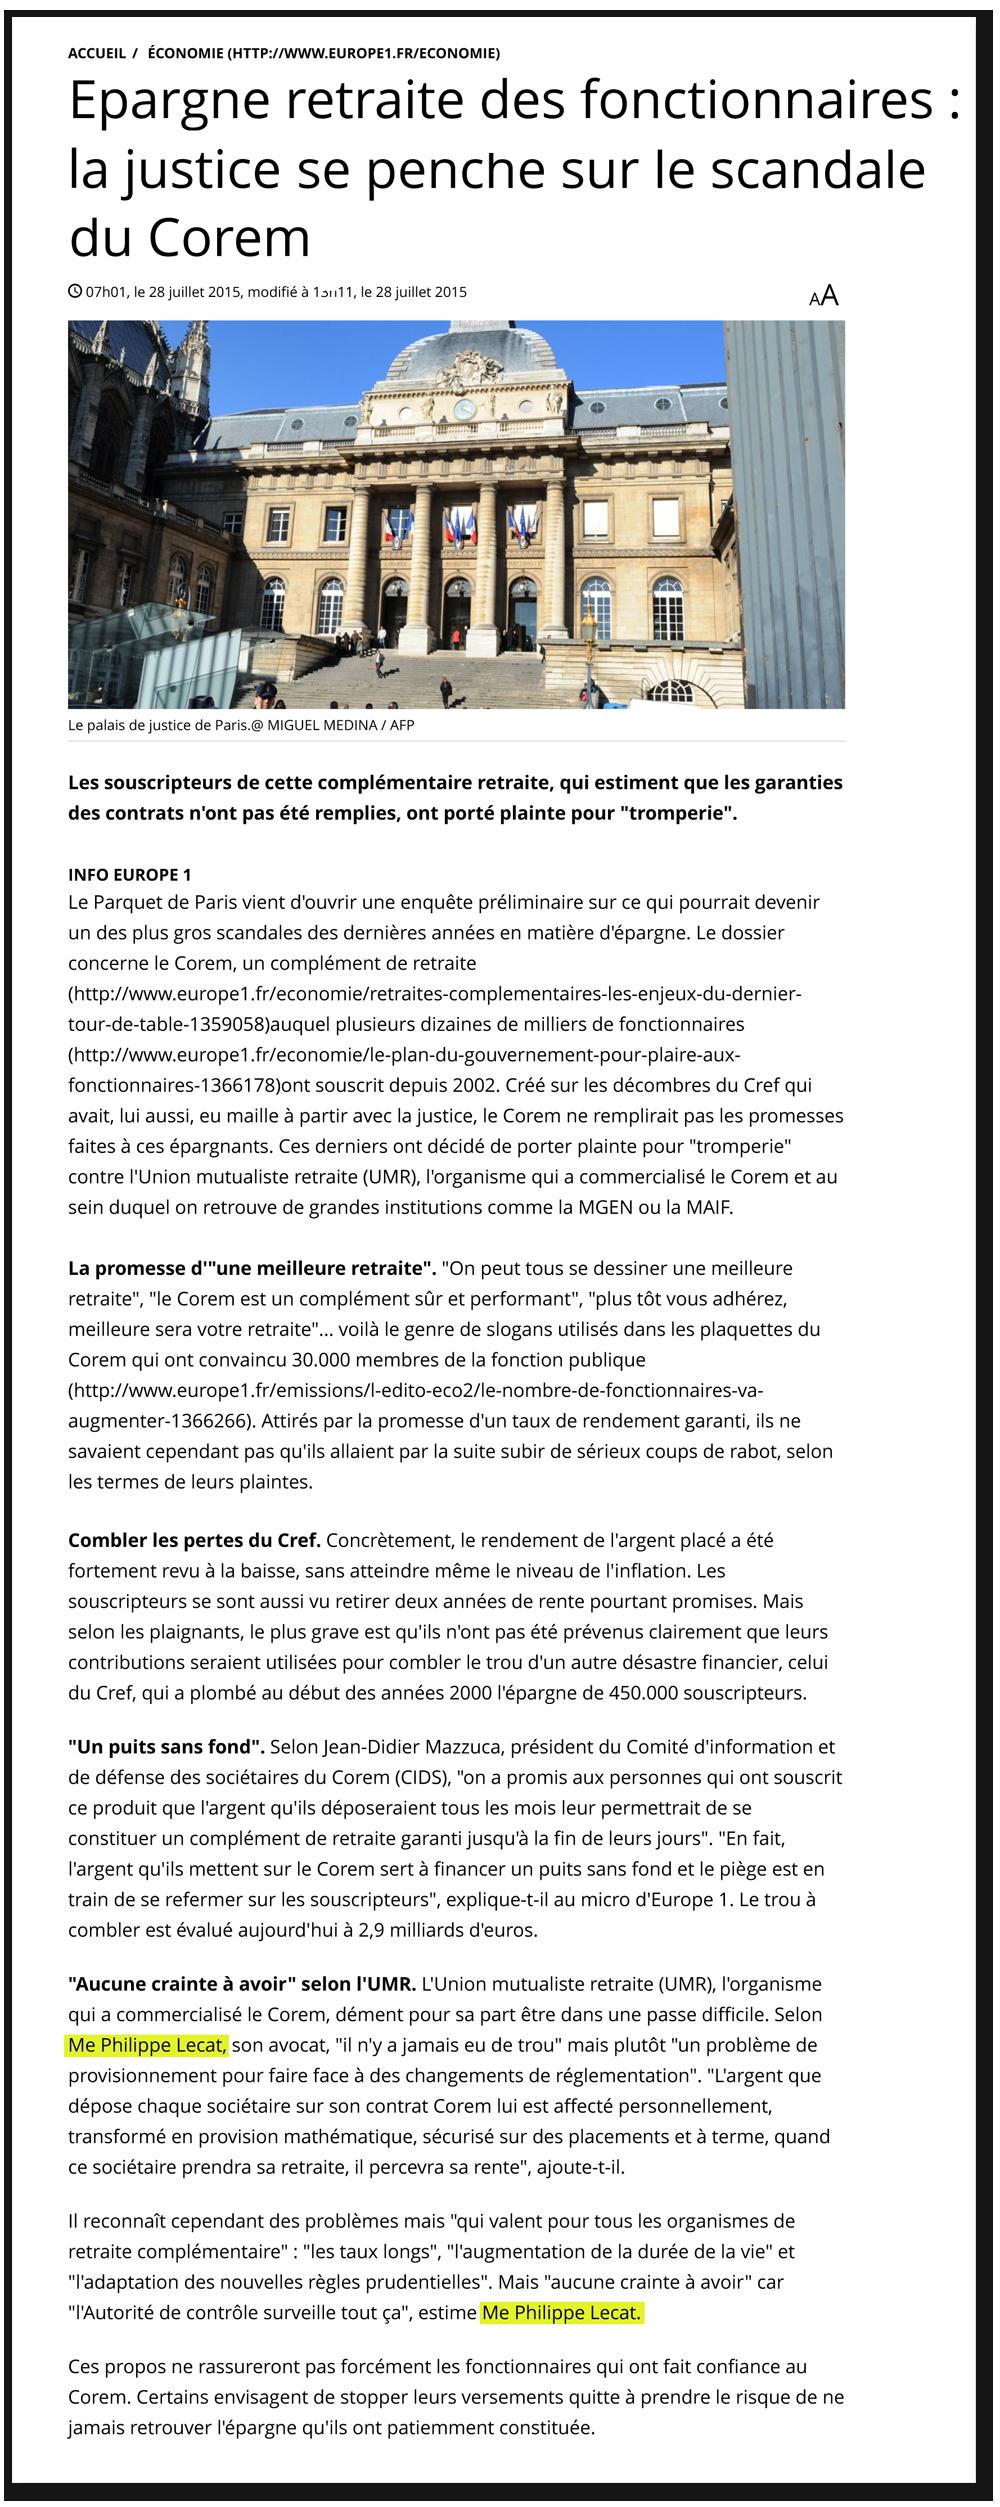 """""""SCP LECAT & ASSOCIES : Des avocats classiques, mais numériques, discrets et disponibles"""""""